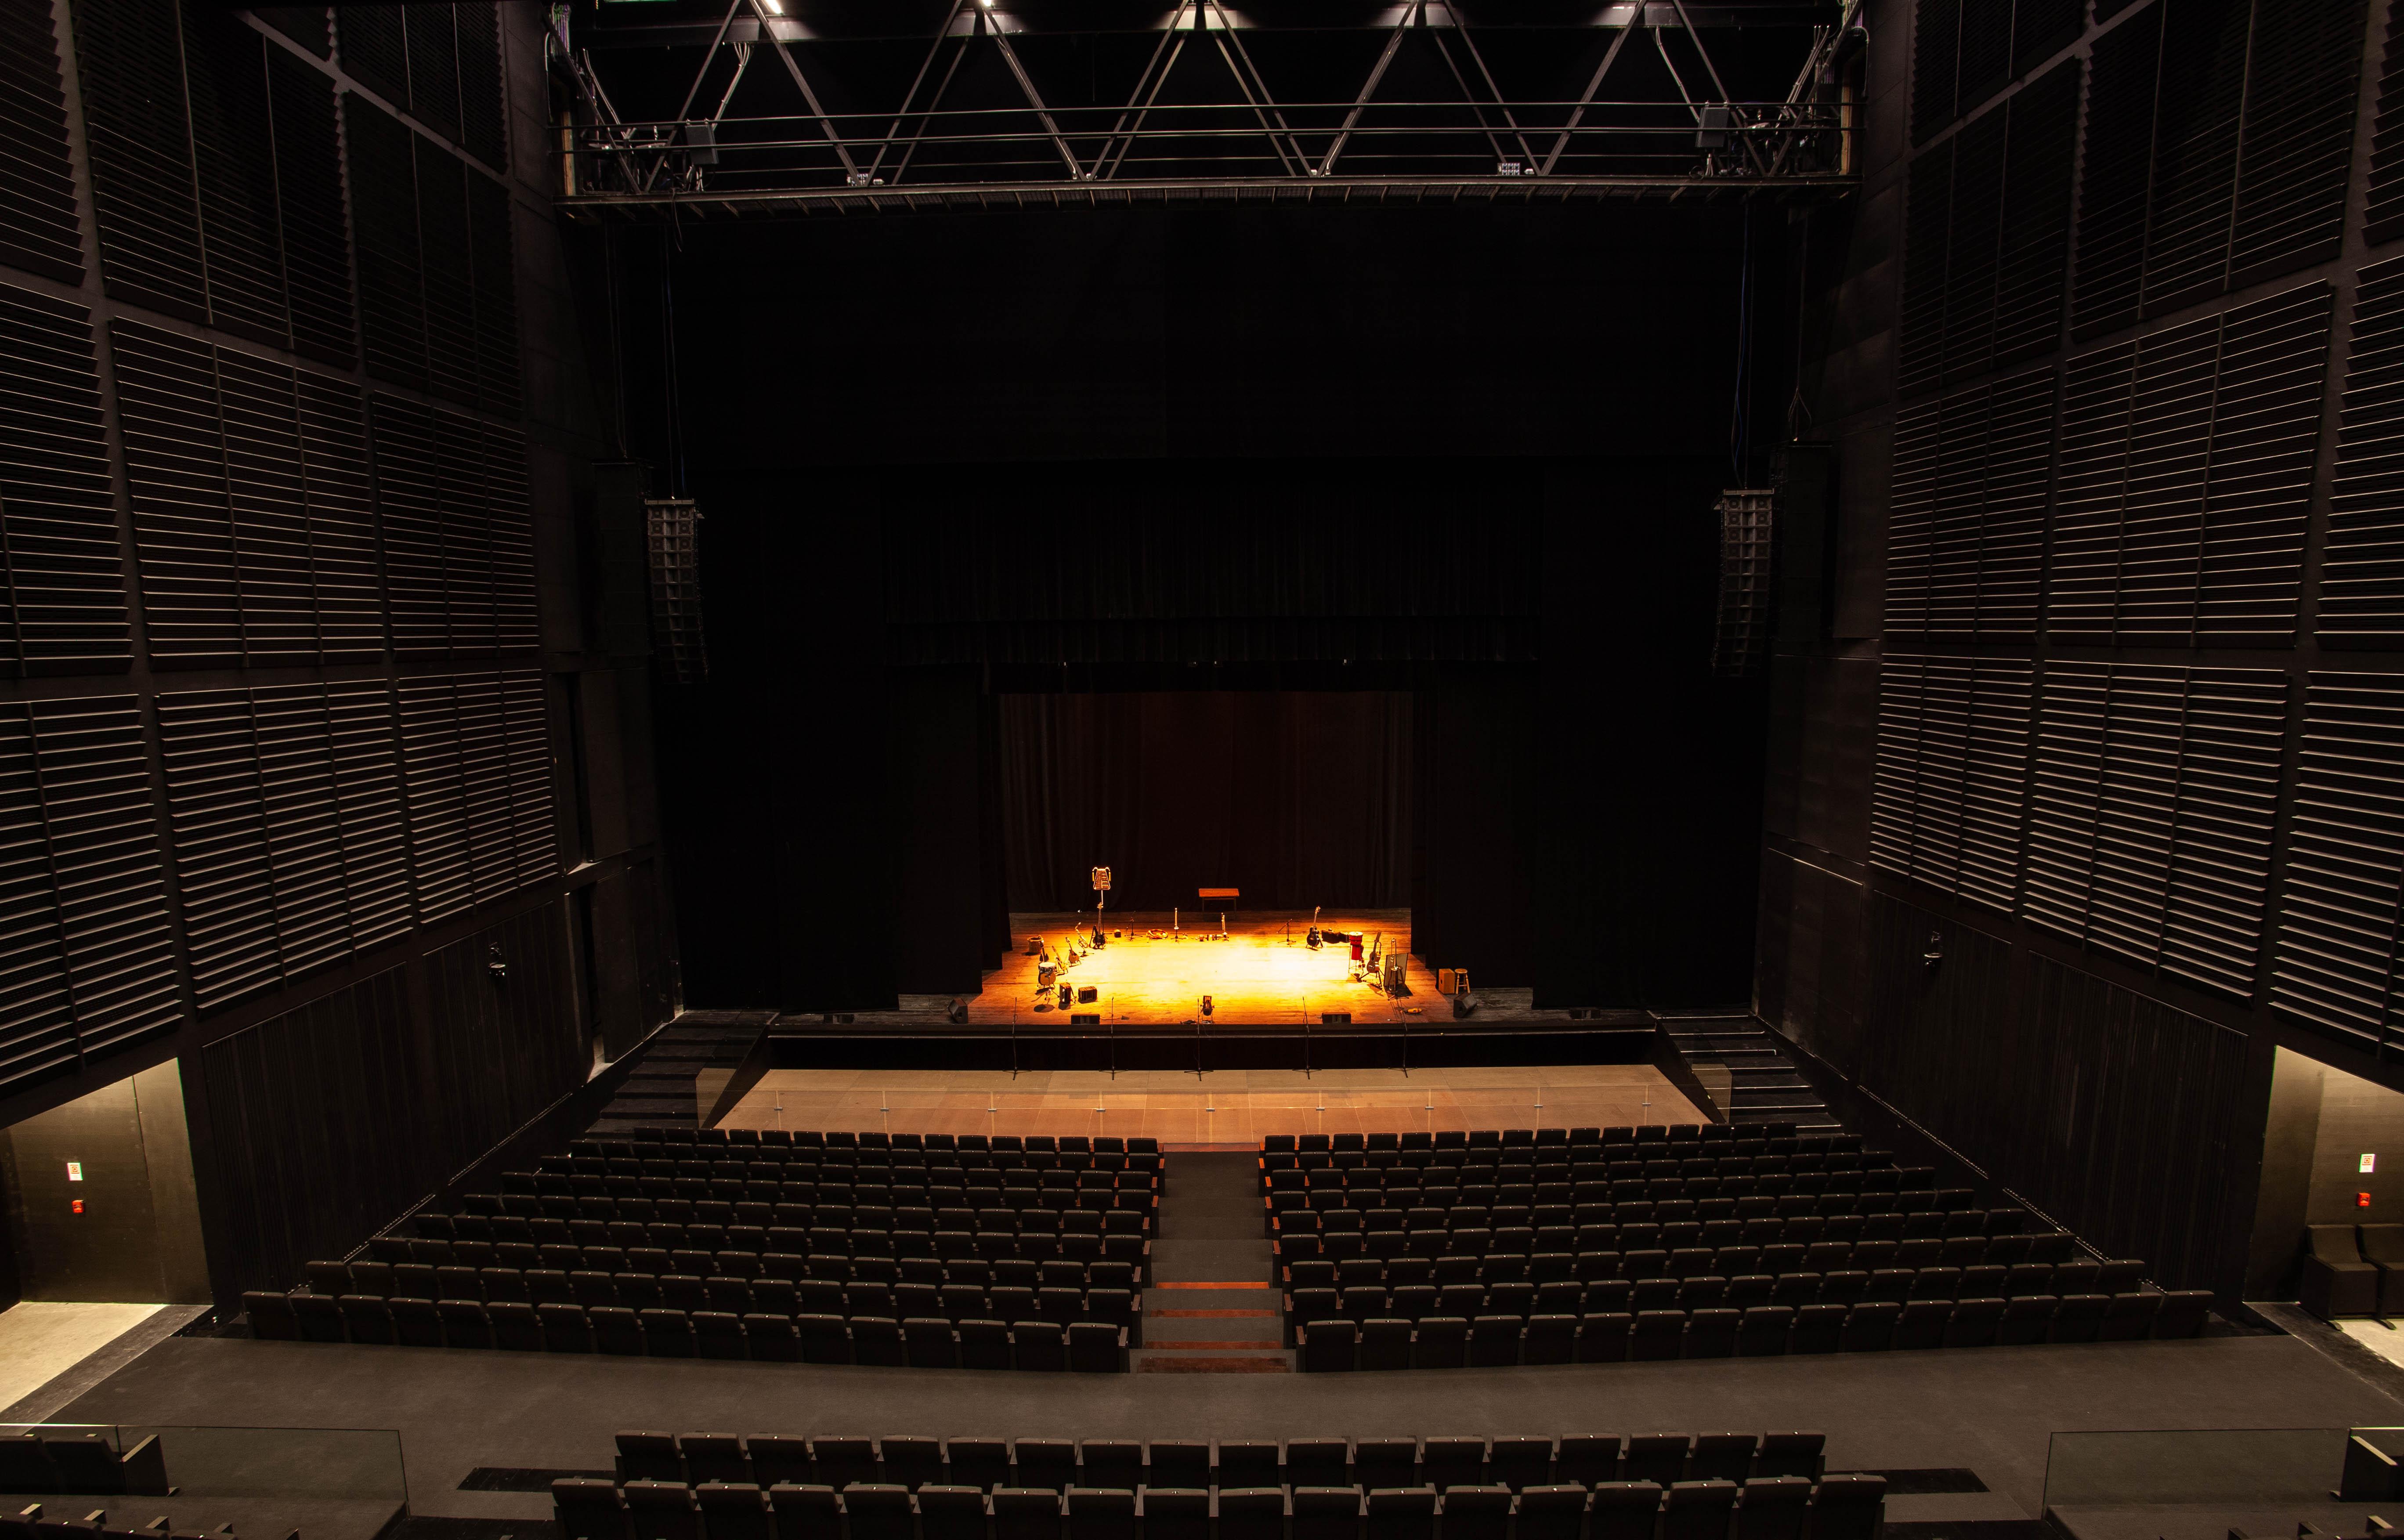 teatro-regional-bio-bio-smiljan-radic-5